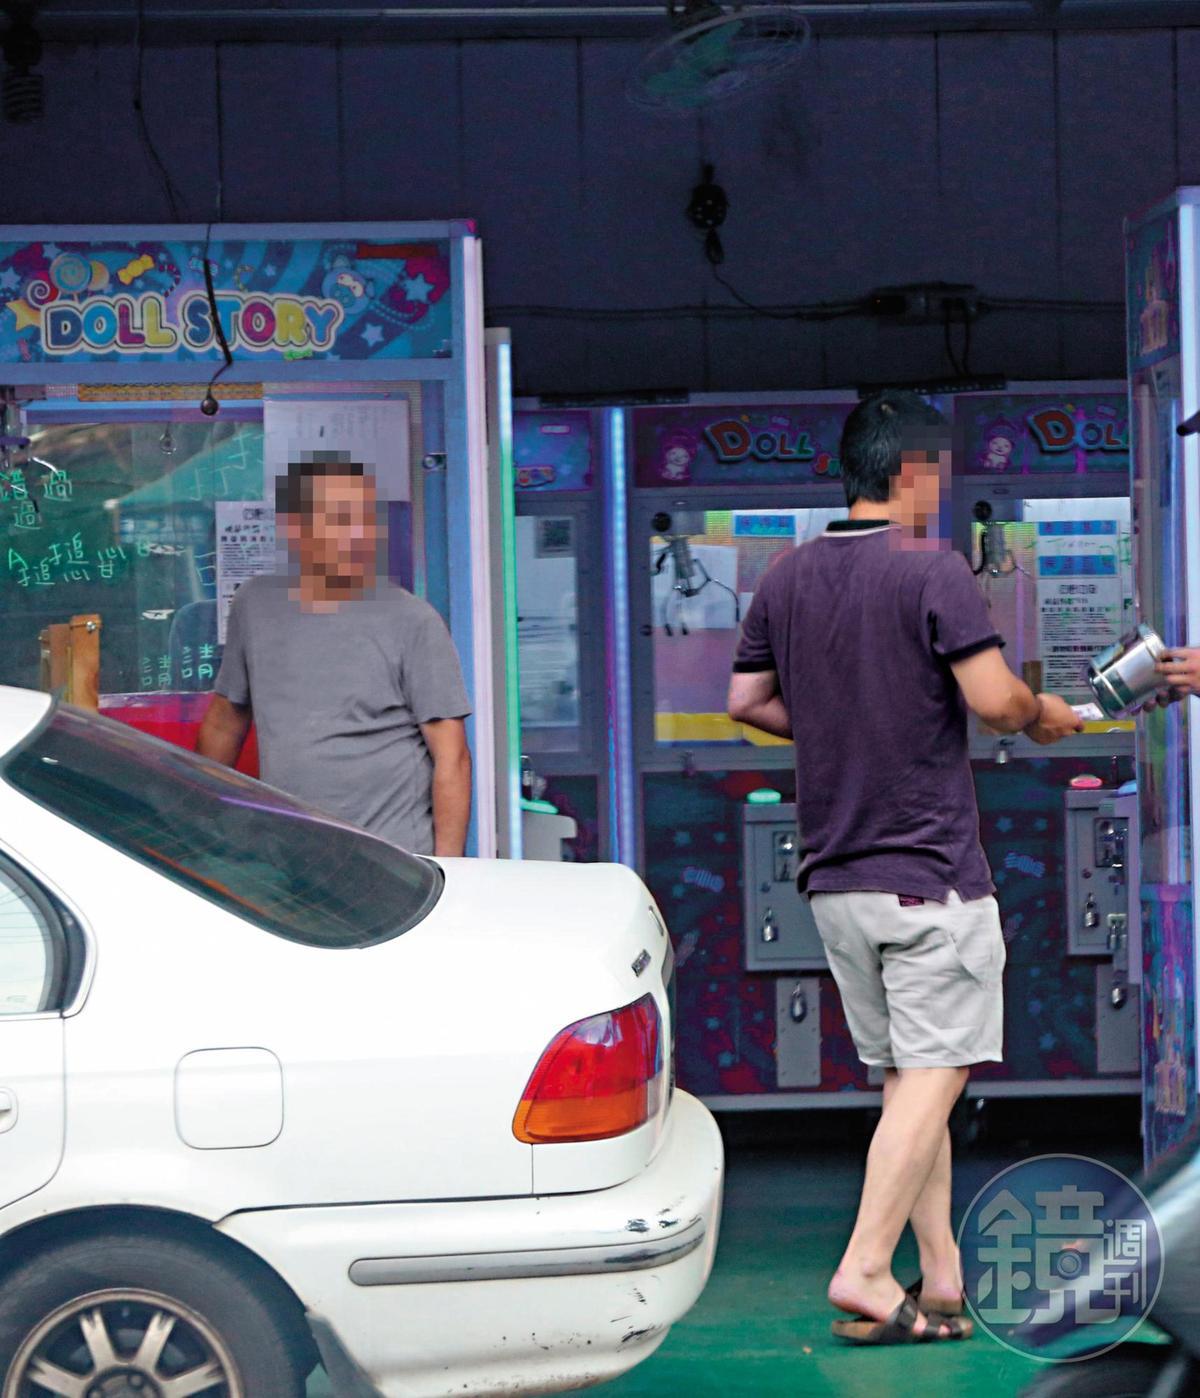 【現金交易】台主會在攀談中暗示他可以現金換回商品。